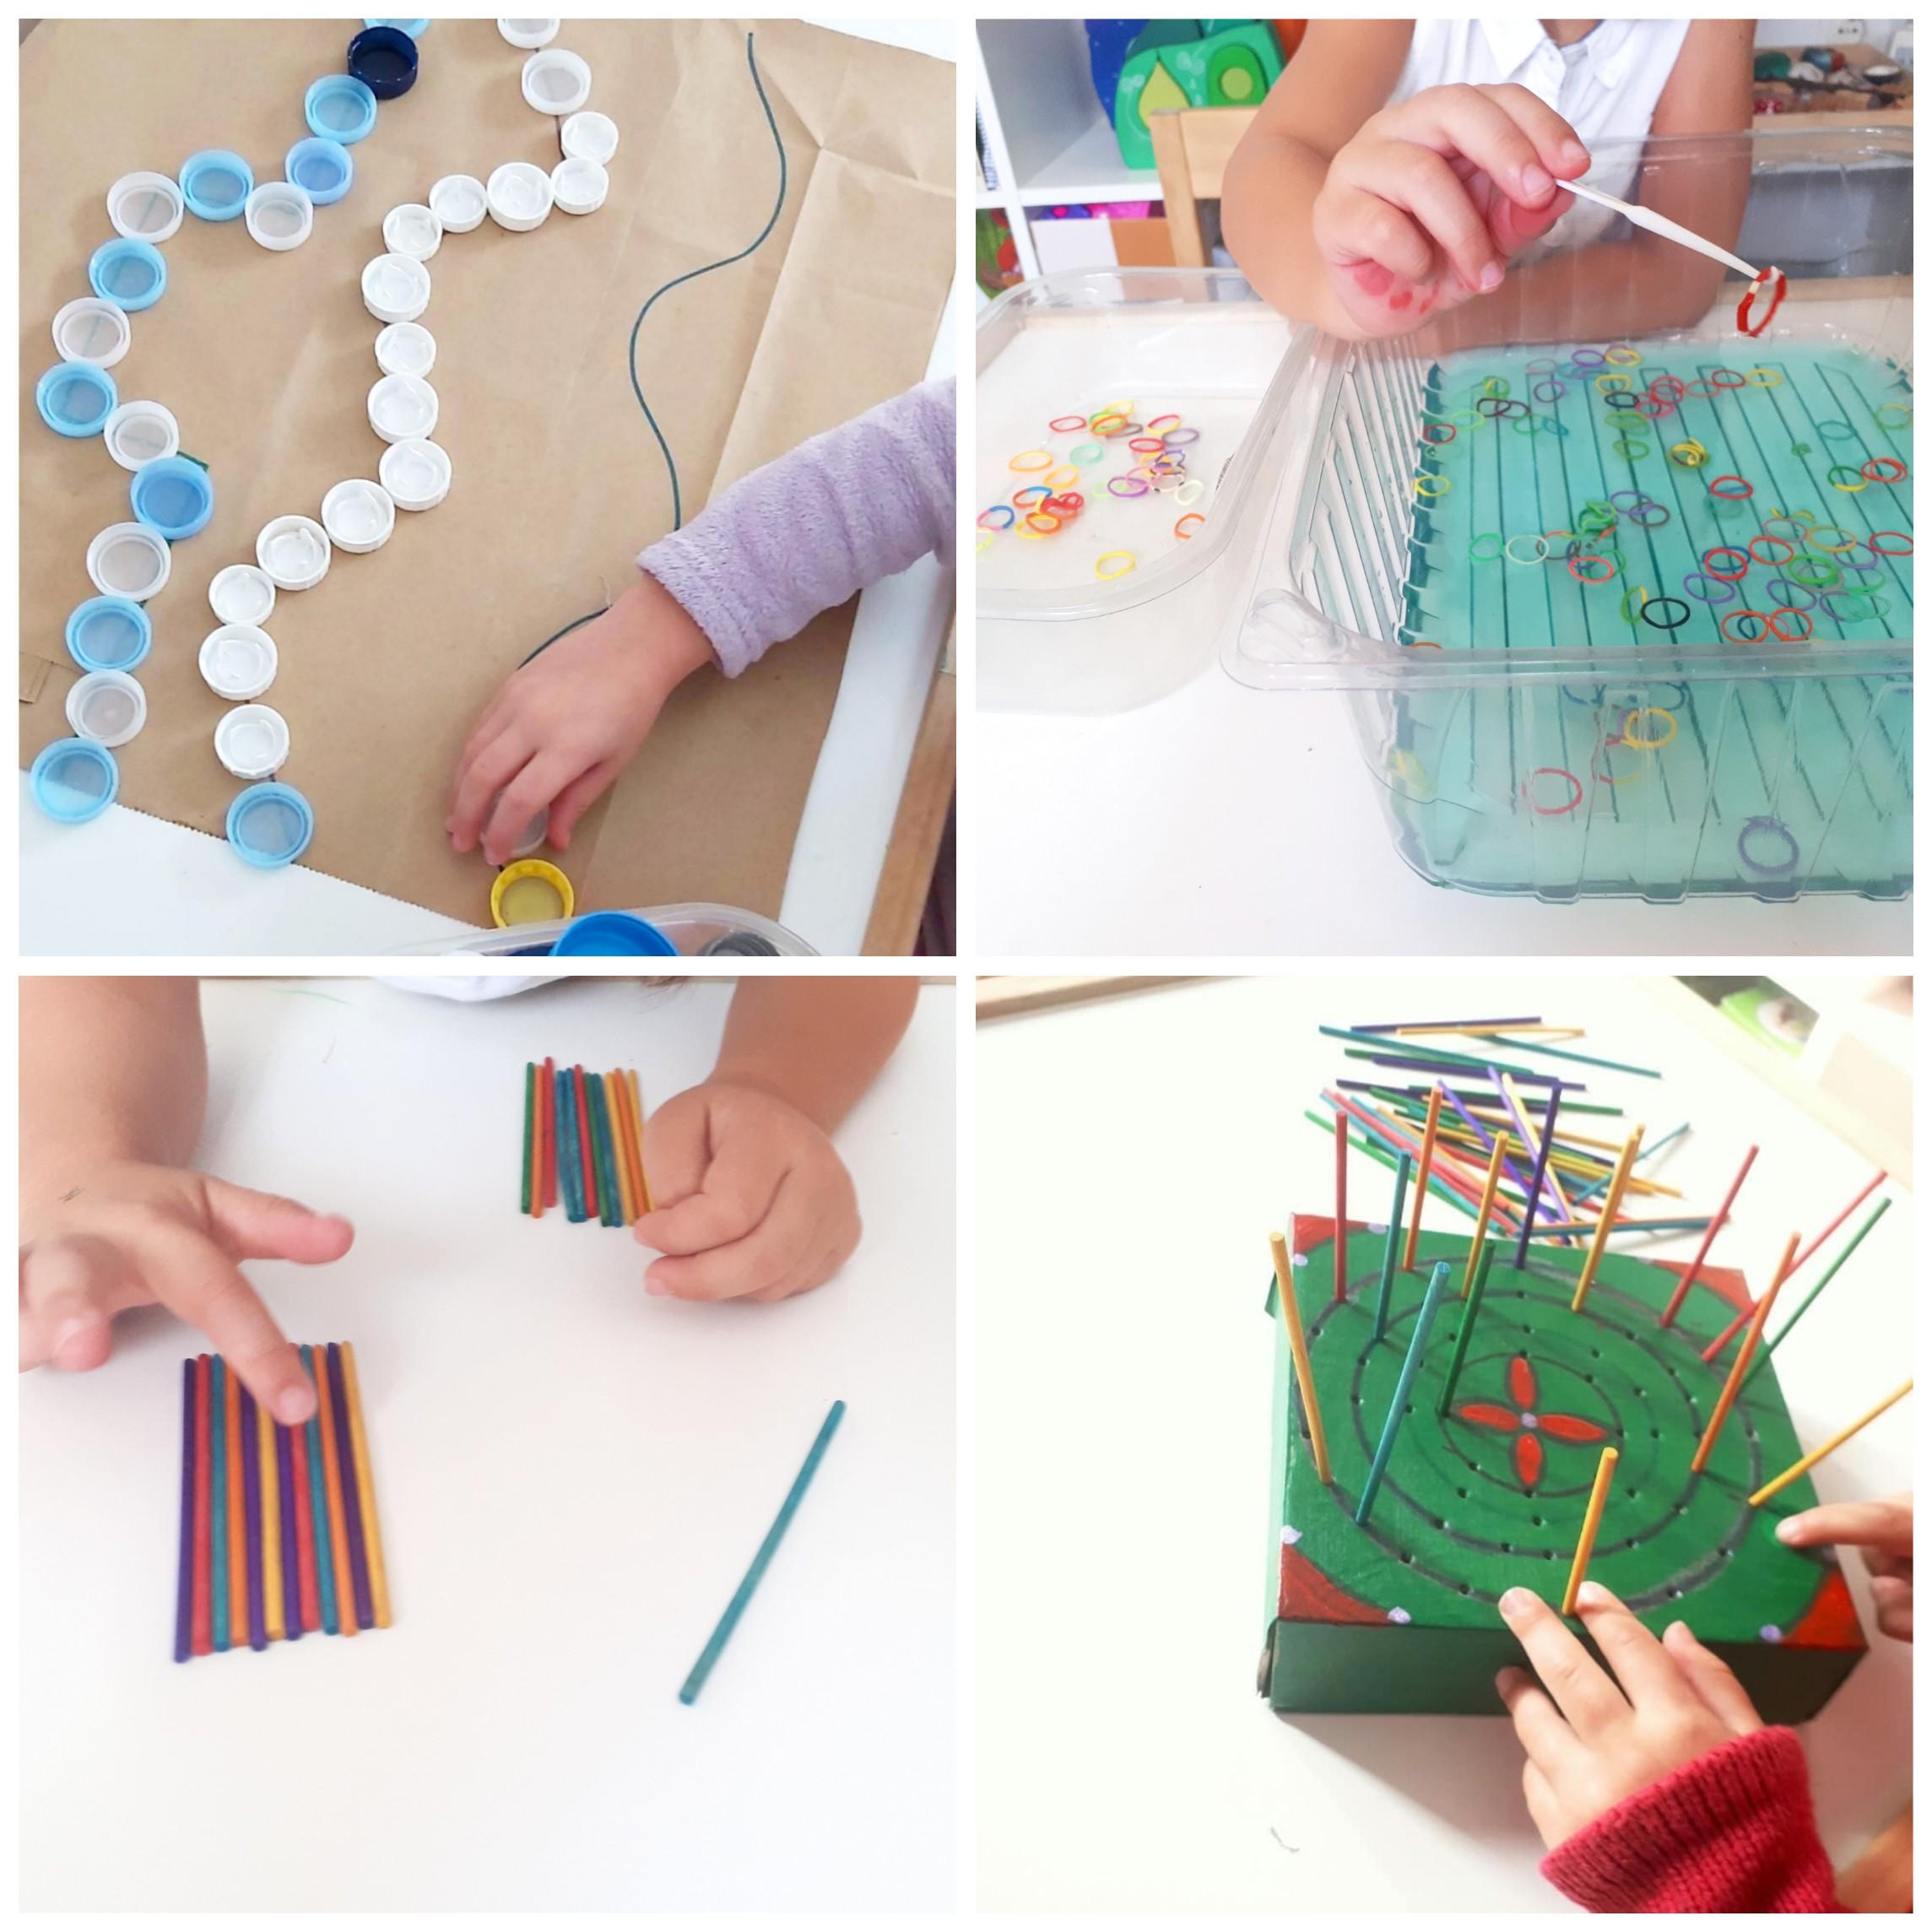 juegos de motricidad fina para niños